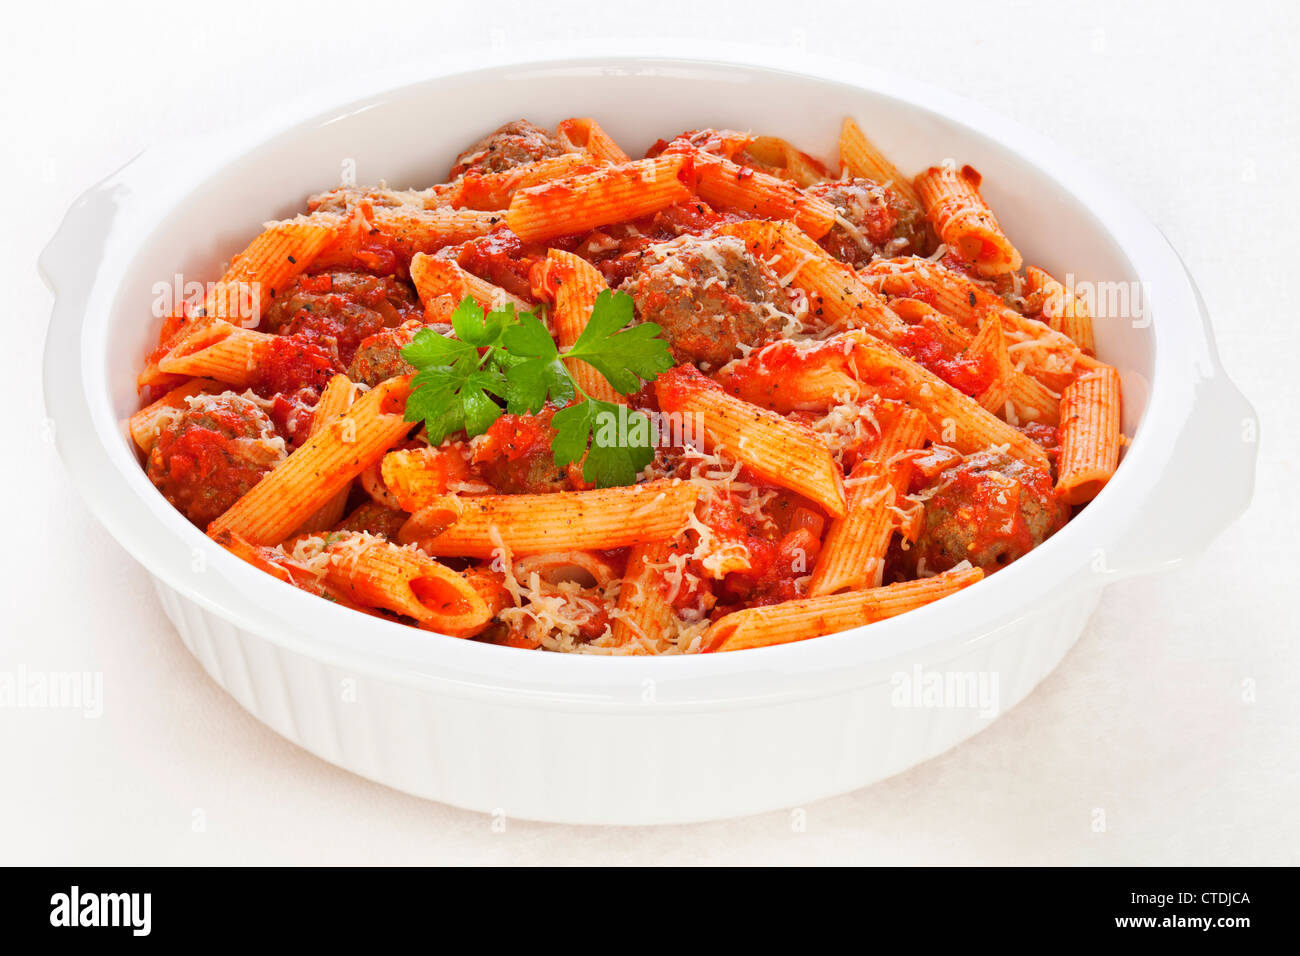 Le polpette di carne in salsa di pomodoro con penne di pasta e formaggio parmigiano, cotta nel forno. Immagini Stock